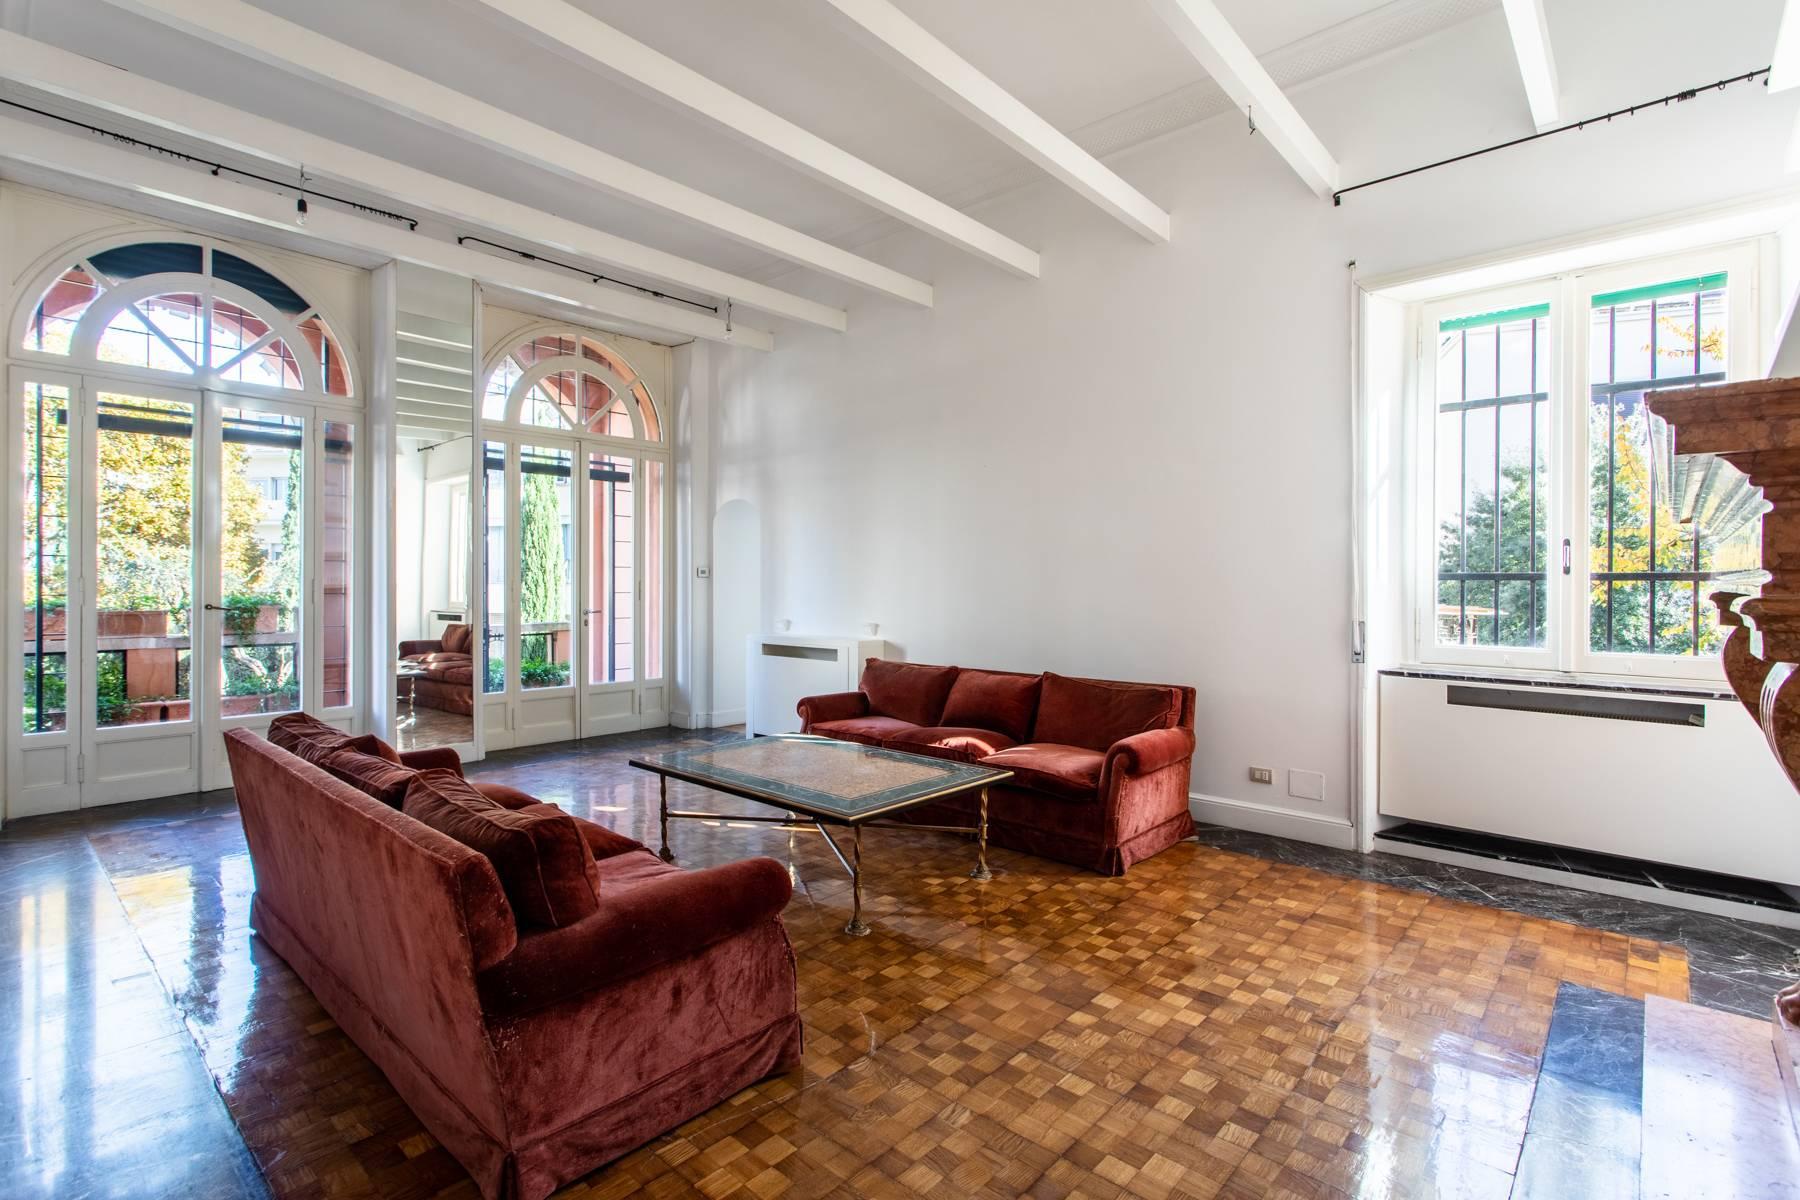 Appartement élégant avec vue sur le jardin - 2